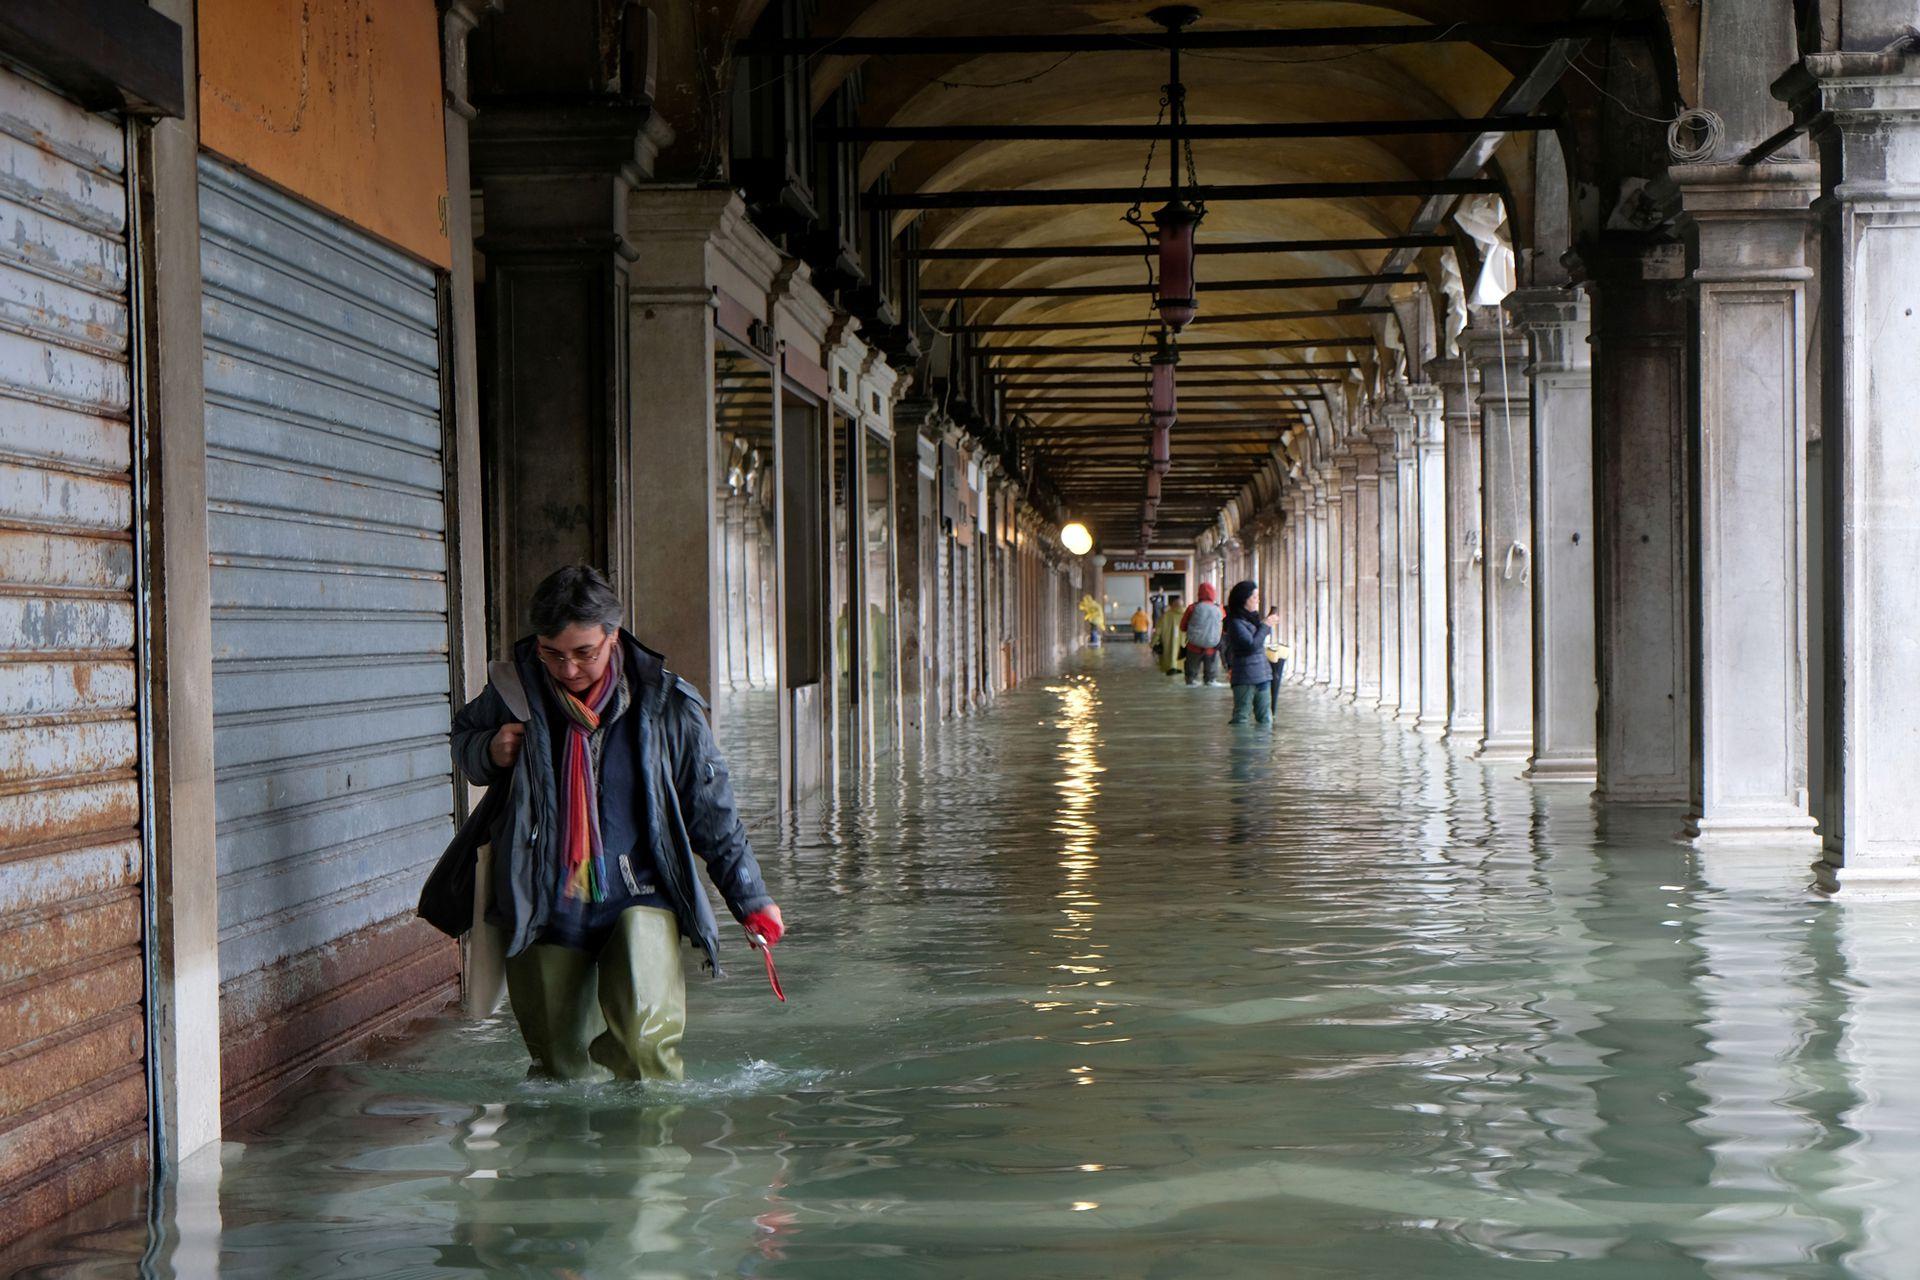 Una mujer camina por la inundación bajo las recovas de la plaza San Marcos.